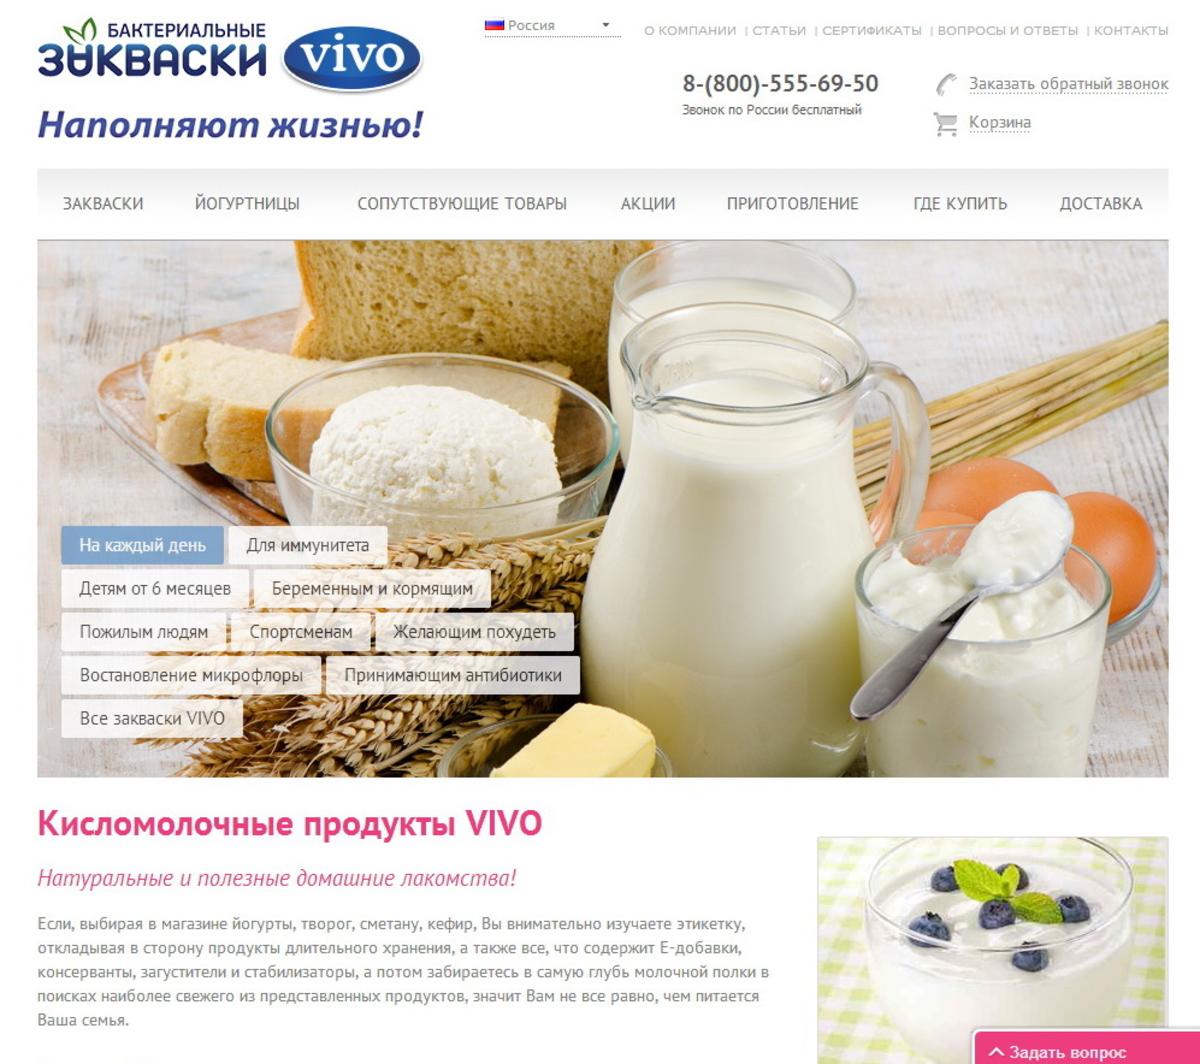 """Интернет-магазин бактериальных заквасок """"VIVO"""" / Проект компании Russian IT group"""